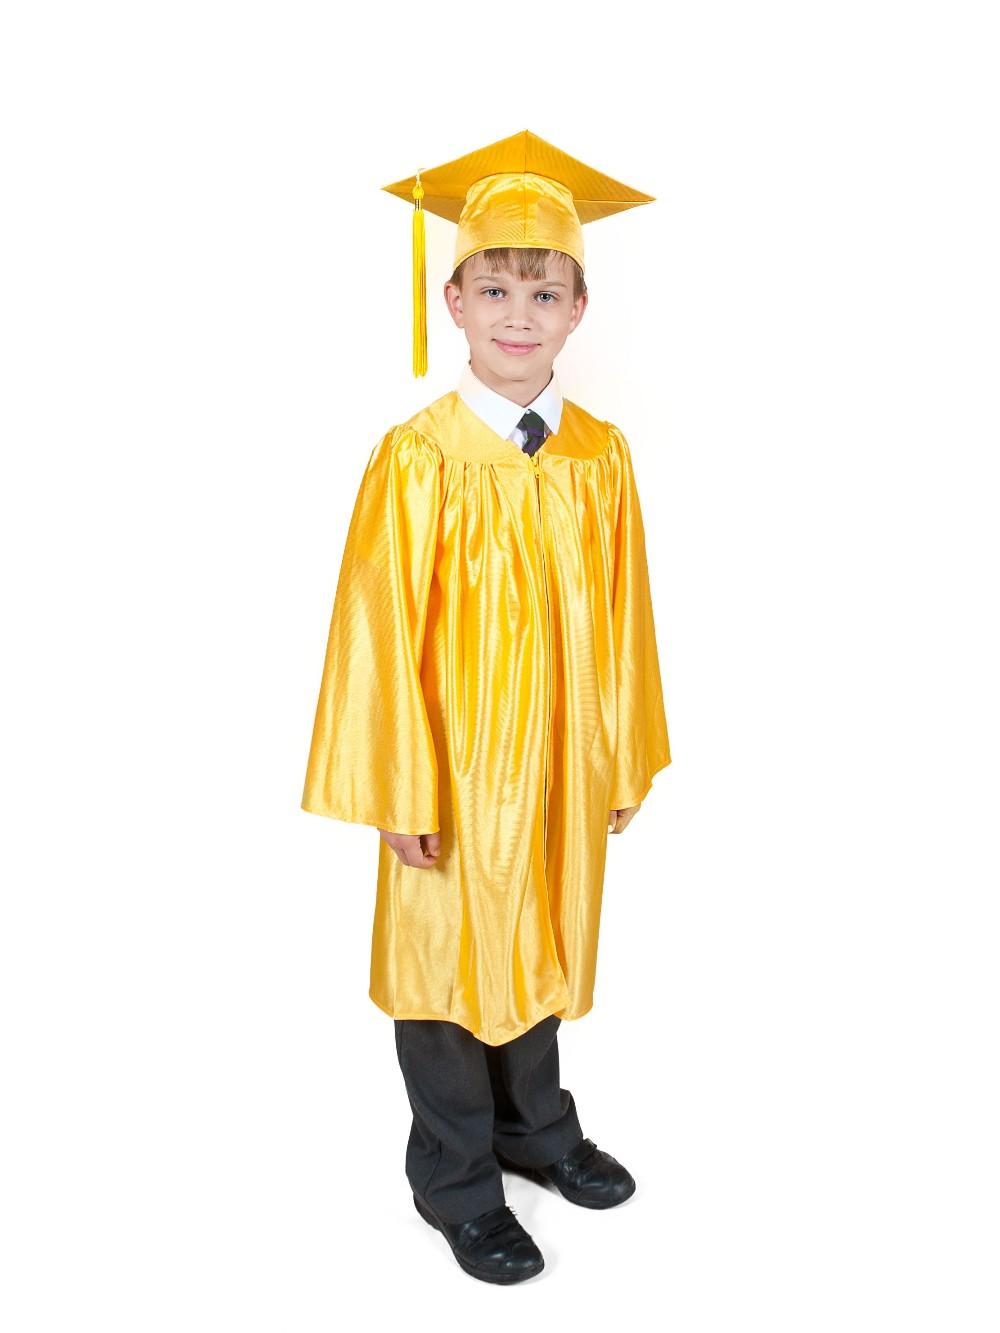 American Children Preschool Kindergarten Graduation Gown Cap Set ...